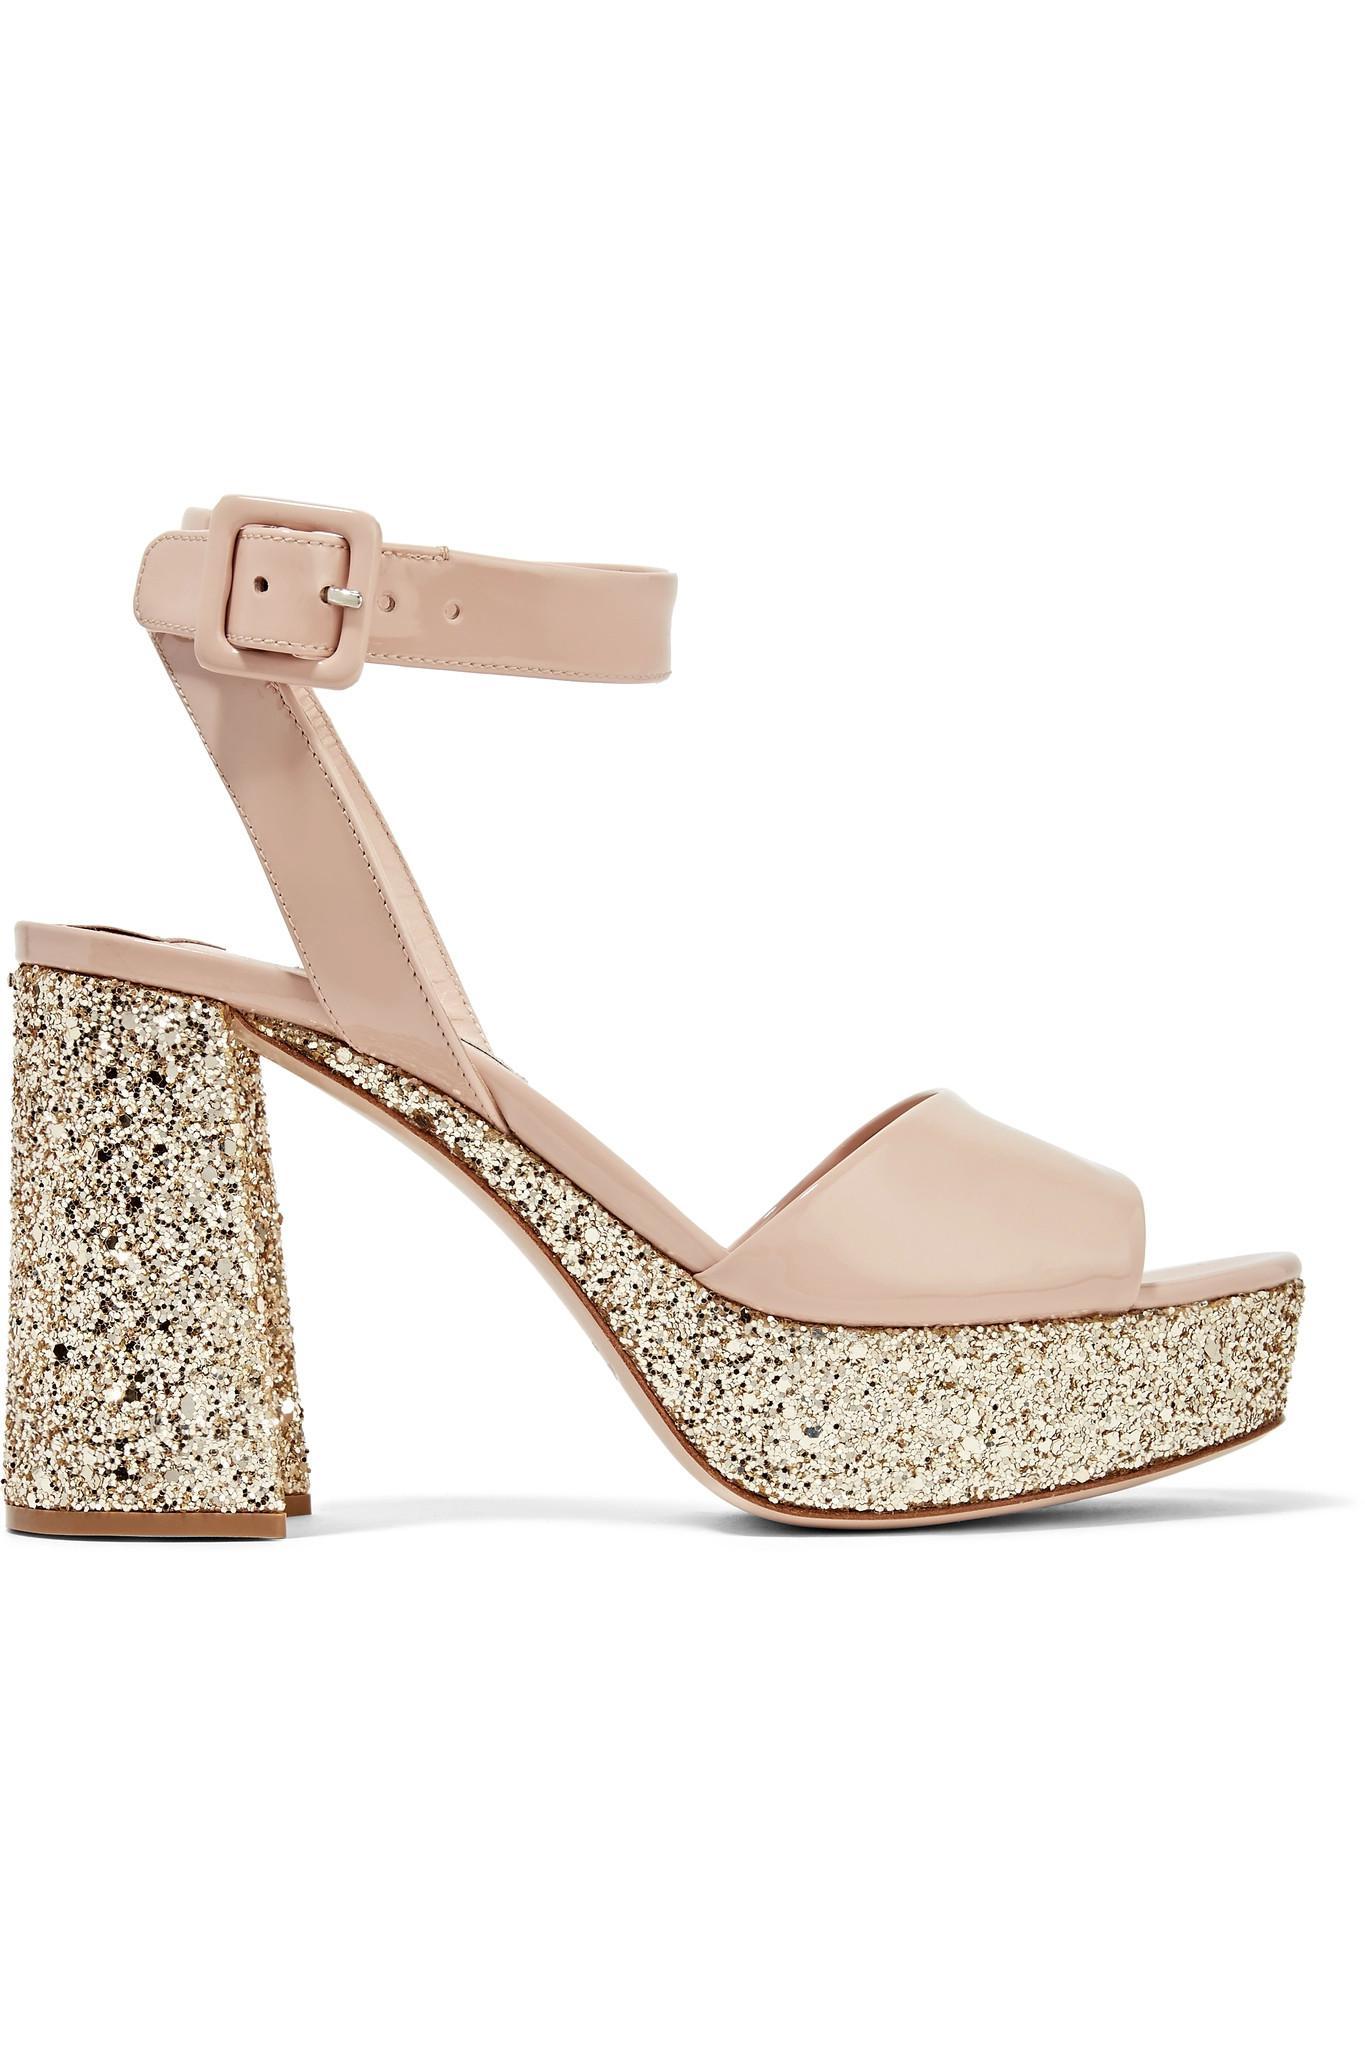 55e0f2ffd23 Miu Miu Glittered Patent-leather Platform Sandals in Pink - Lyst